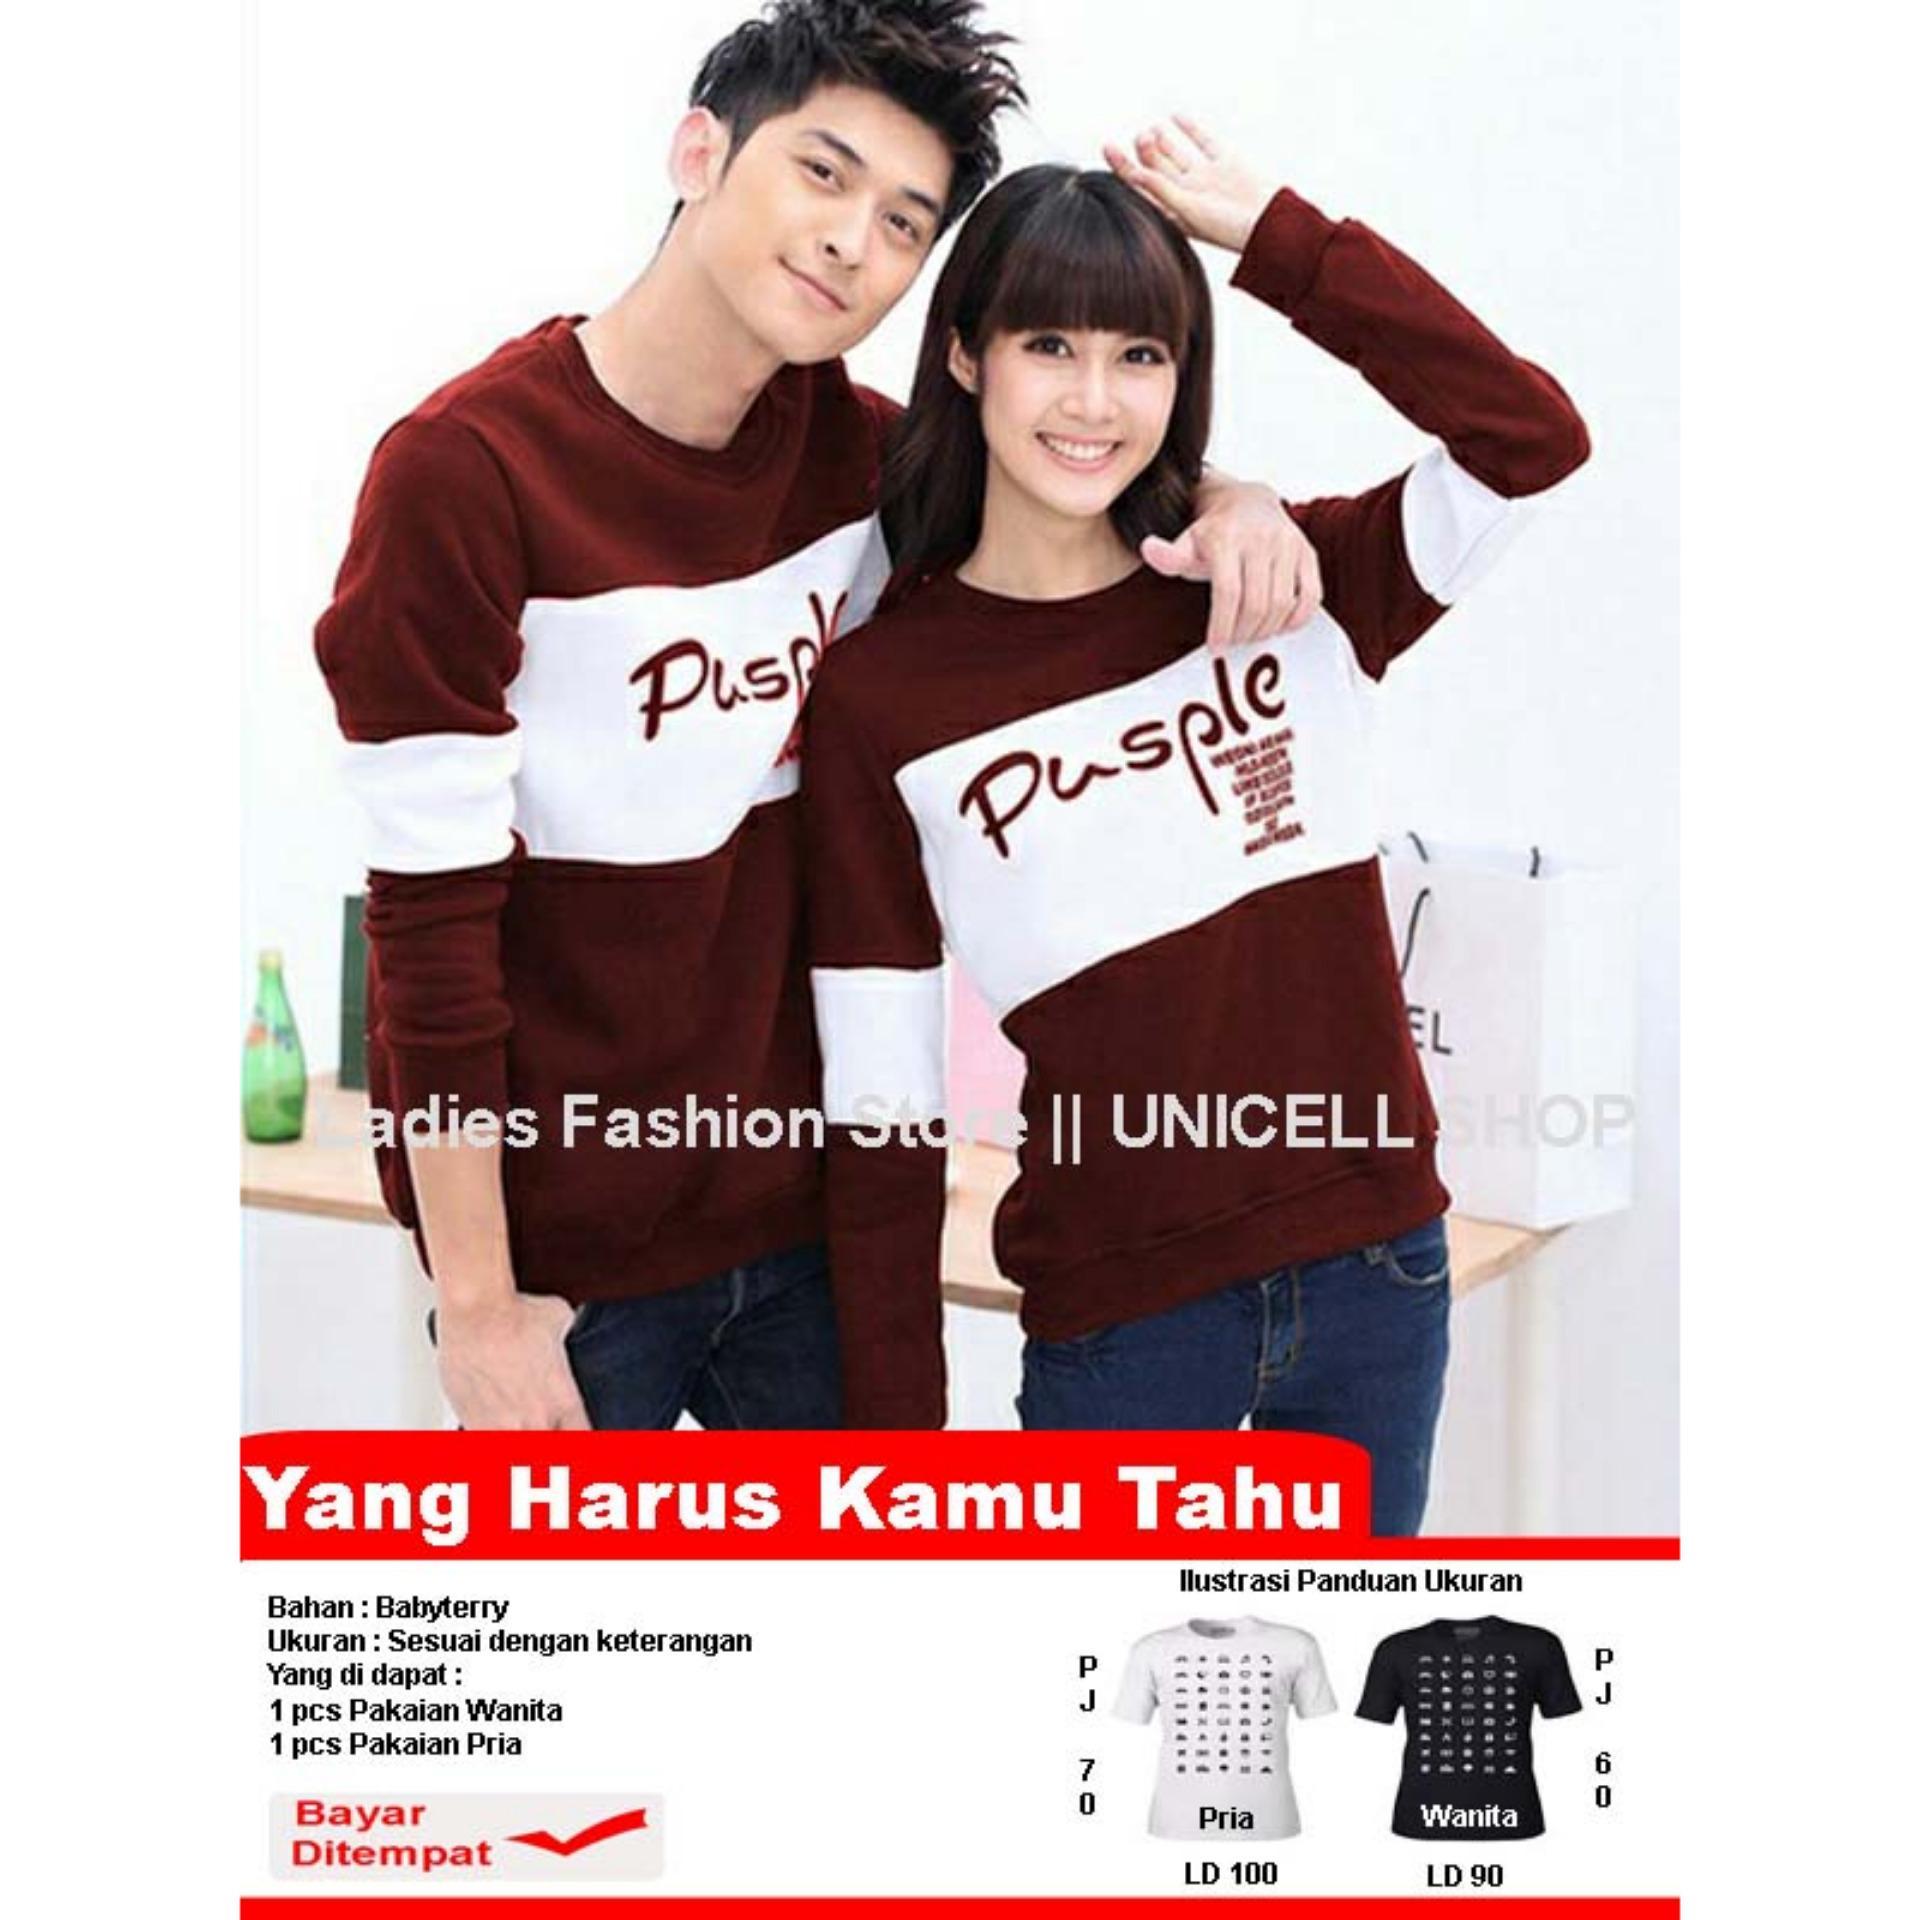 Baju Wanita Shop Kaos Couple lengan Panjang  Pusple / Kaos Oblong  / Cotton Combed Pasangan / T-shirt Pasangan / Pakaian Kembar / Kaos Pria Wanita LC - Maron